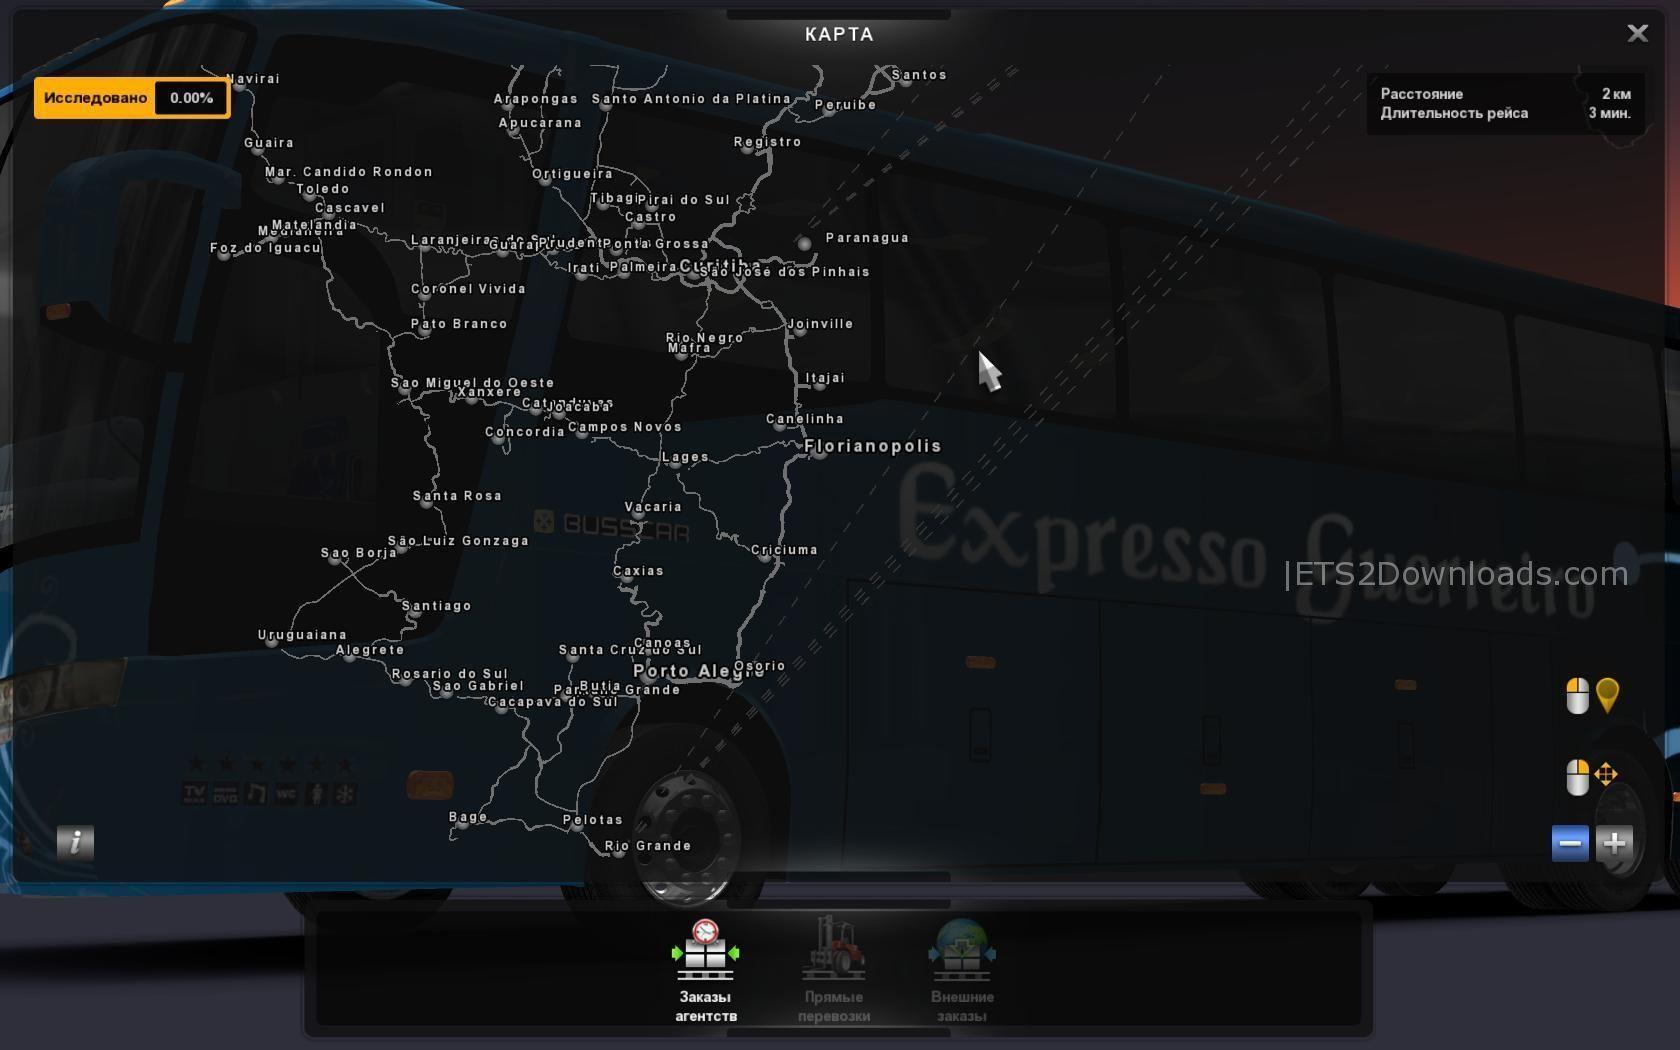 eaa-bus-1